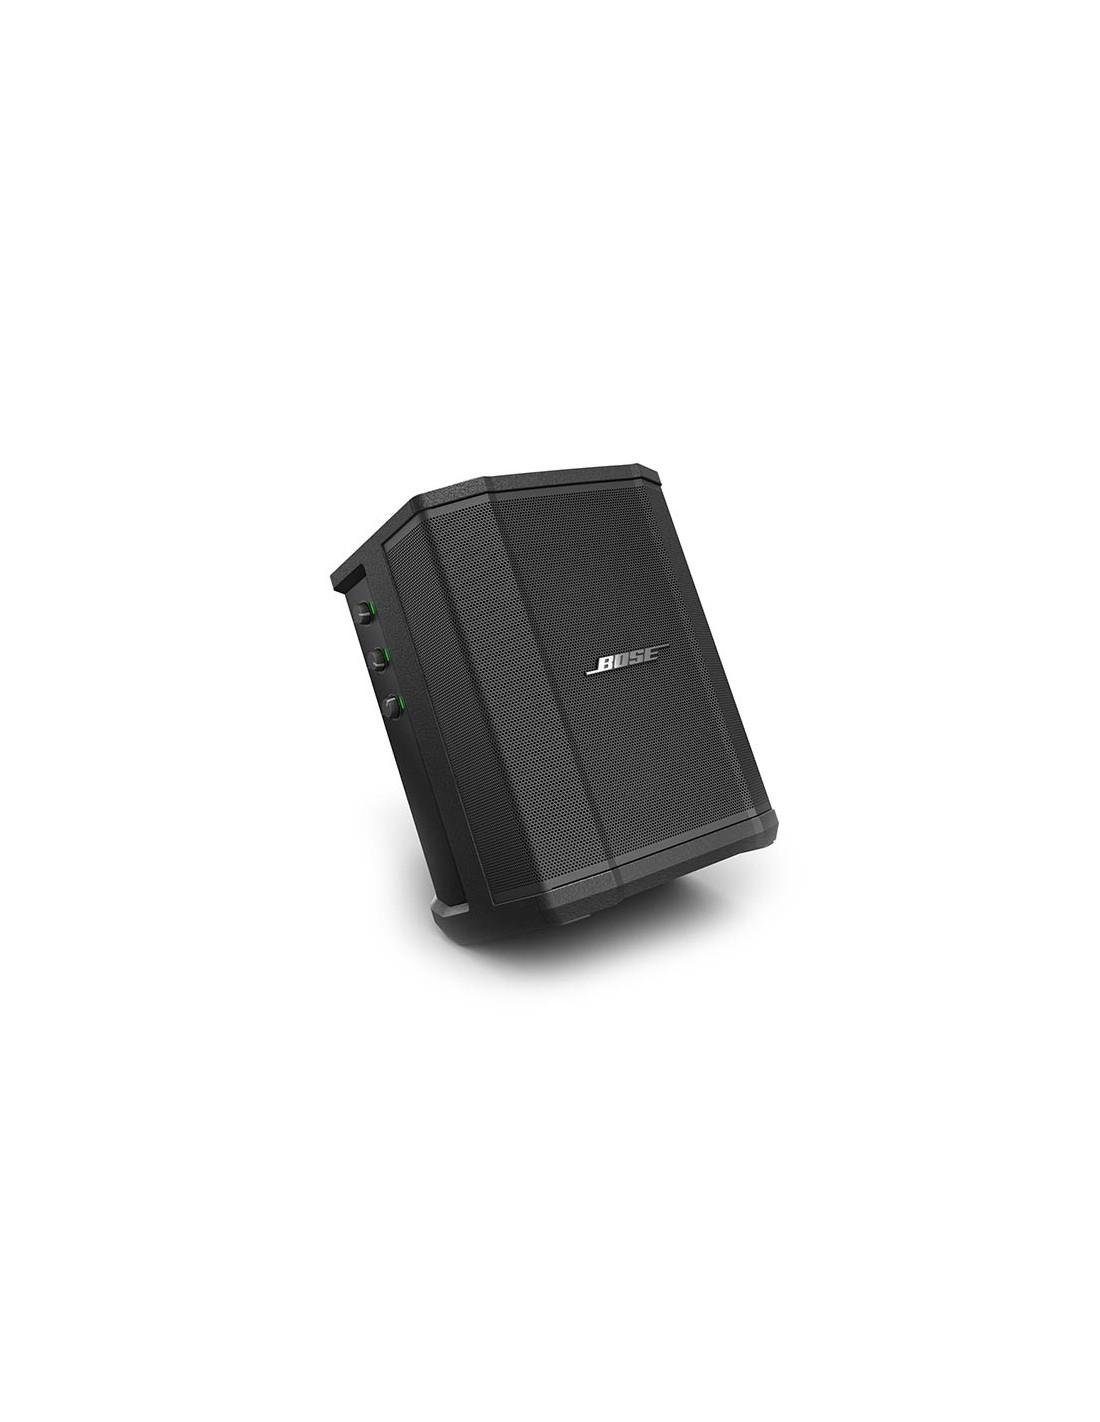 Parlante Activo Recargable S1 Pro Bose